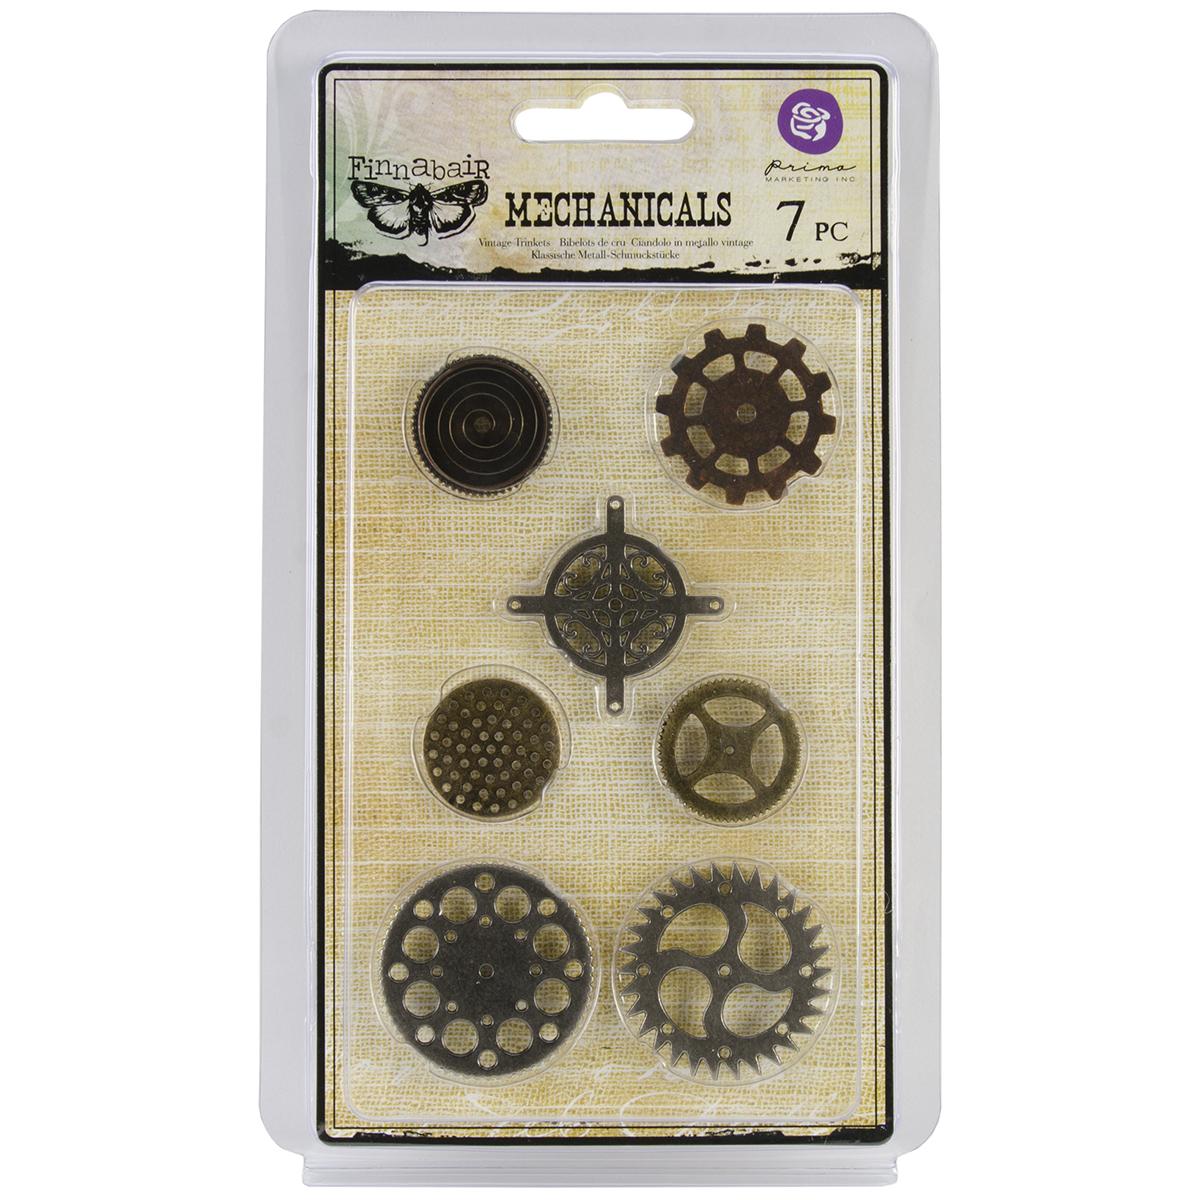 FINN Mechanicals - Gears